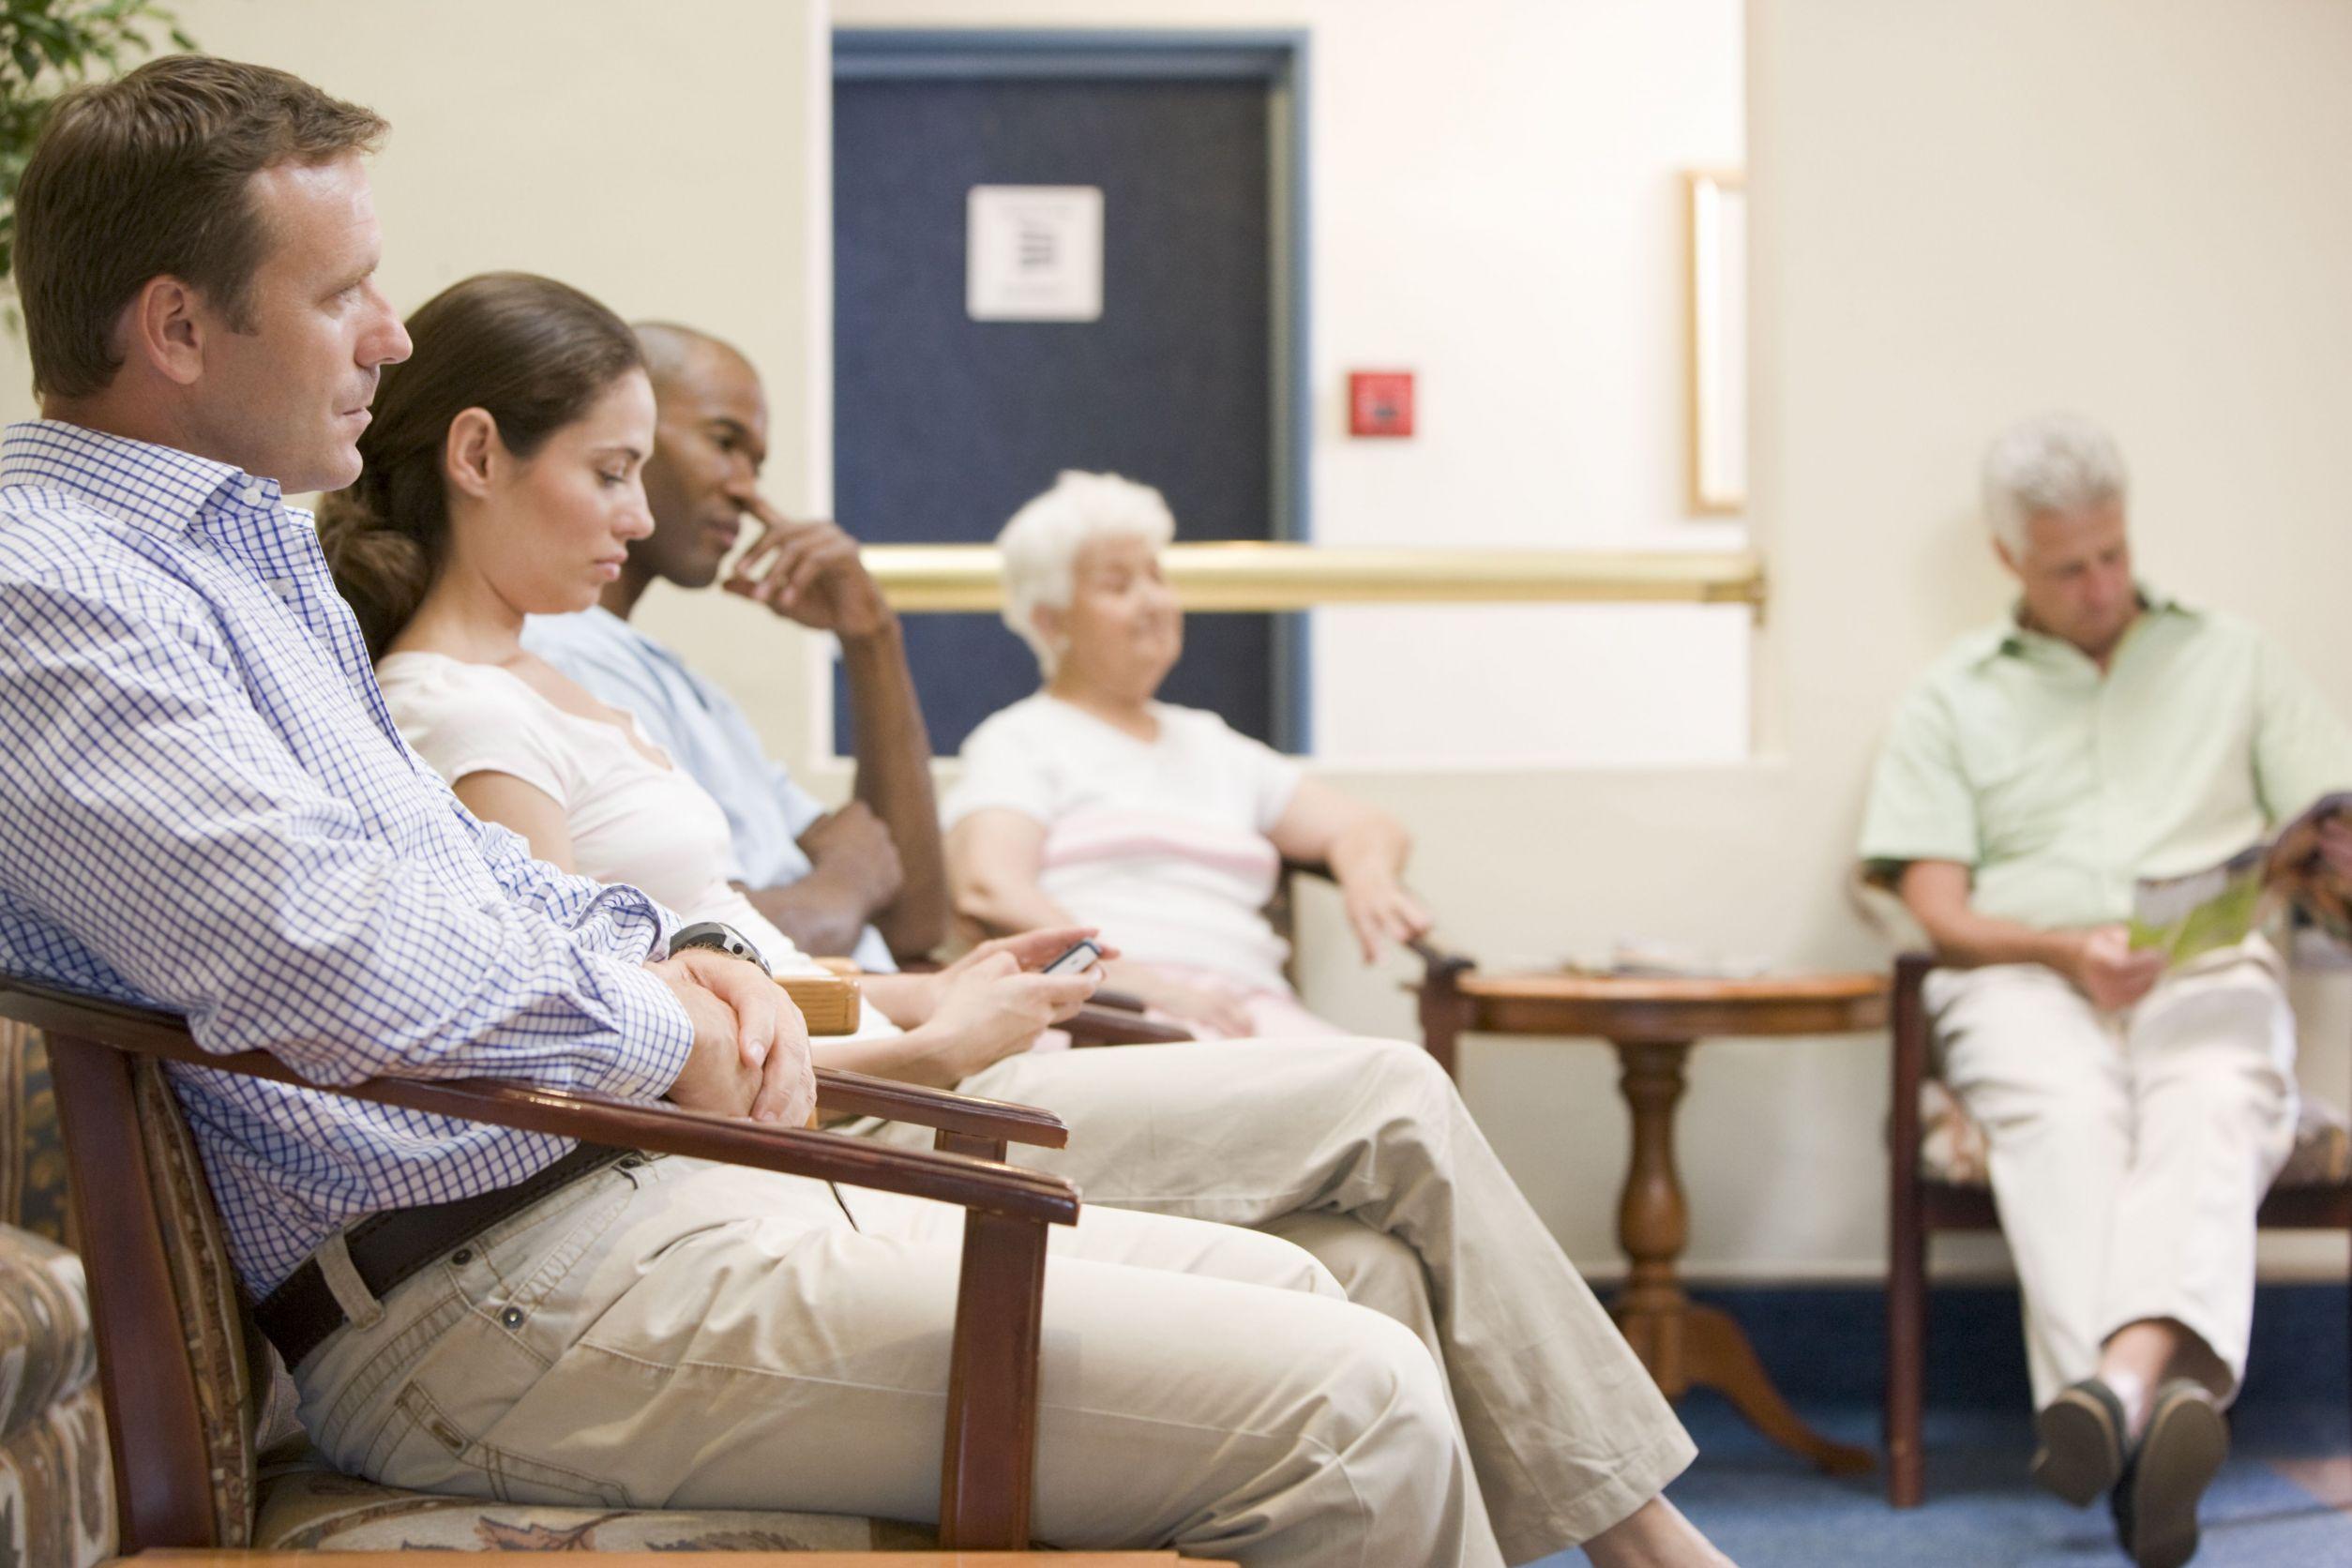 Timpul de asteptare a pacienților este enervant